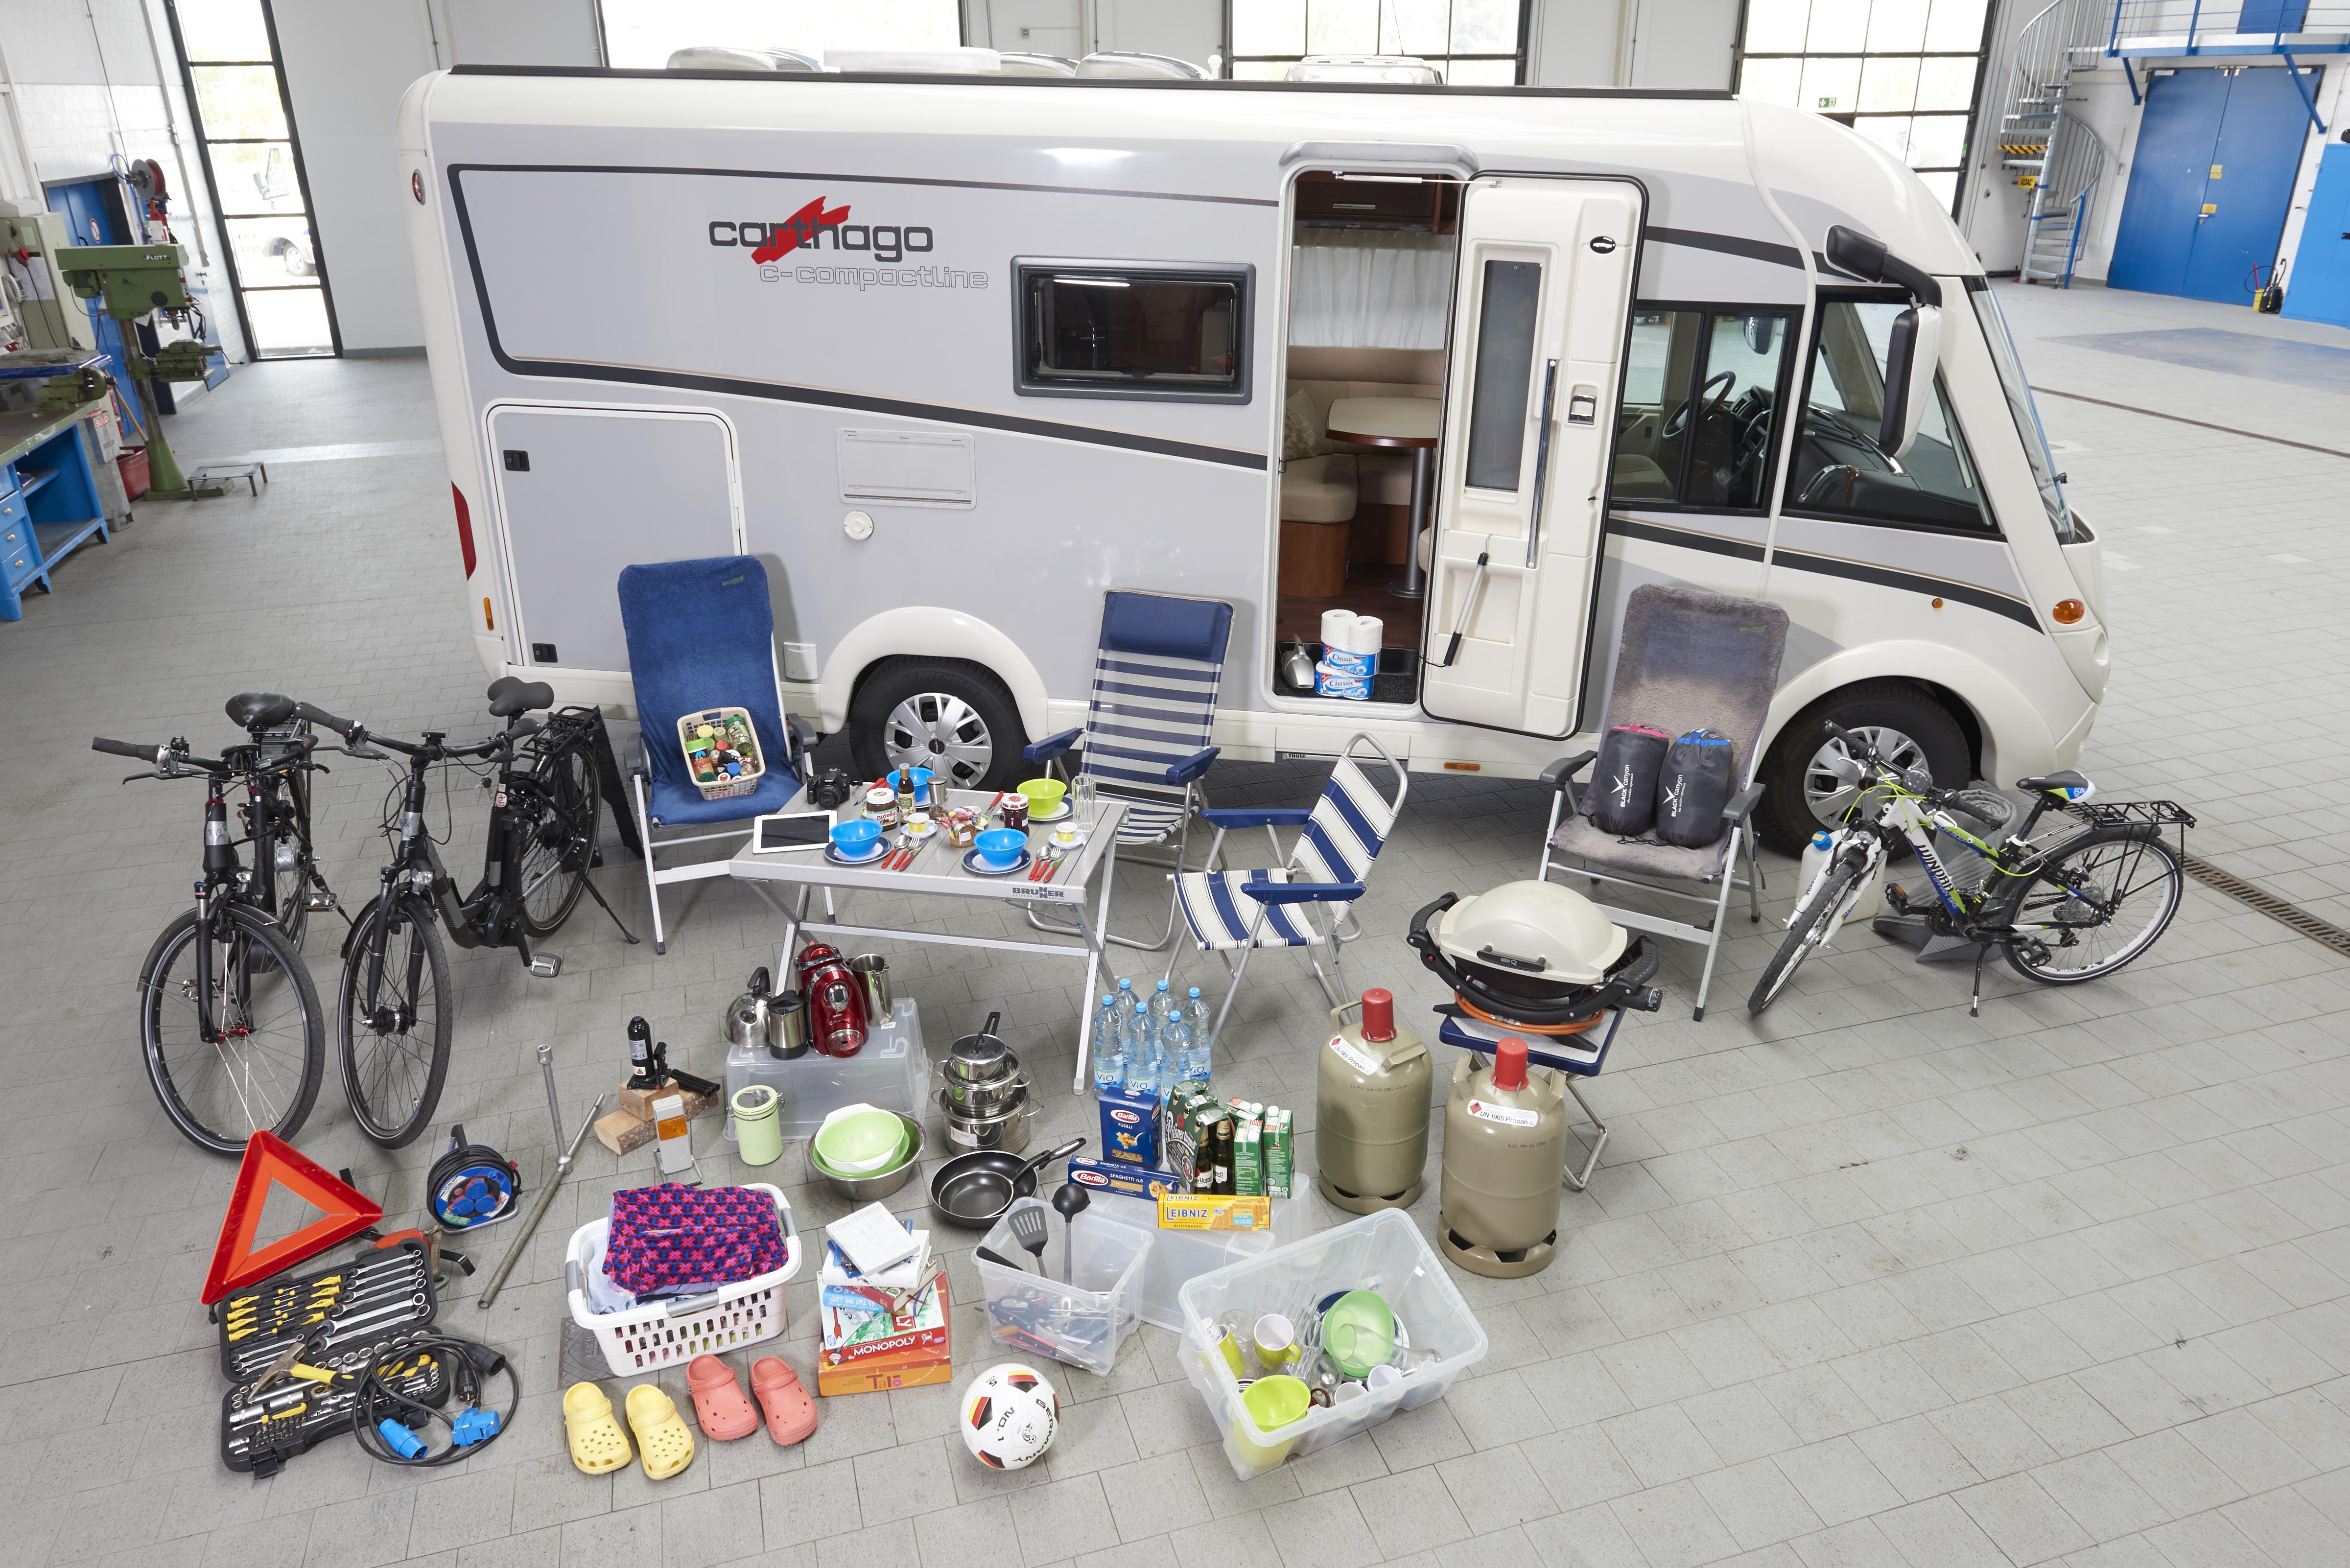 Reisen mit dem Wohnmobil: ADAC Nordrhein warnt vor zuviel Gewicht